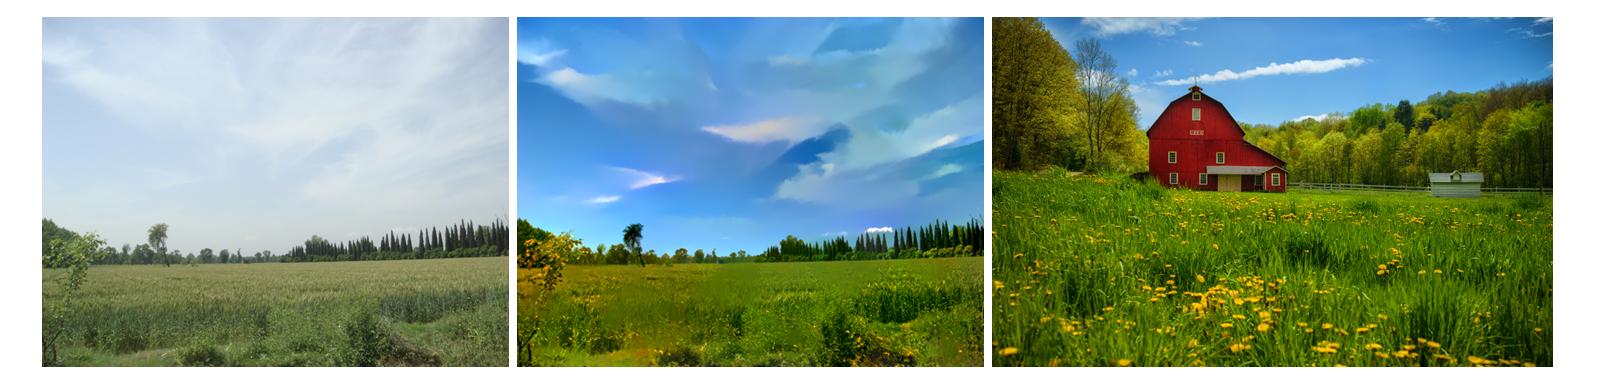 Adobe tranpose - paysage 1